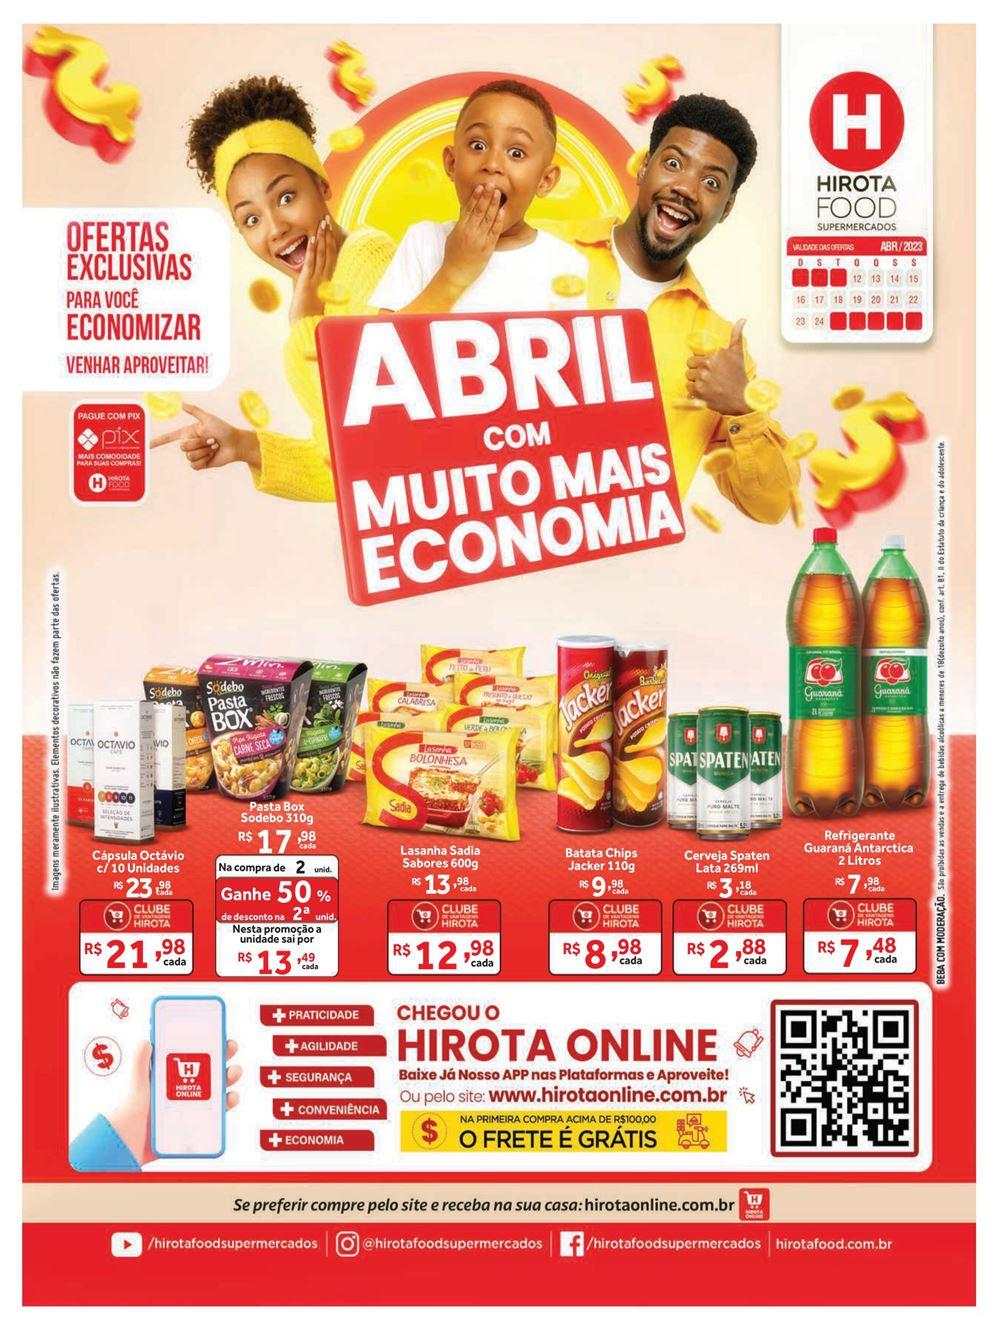 hirota-ofertas-descontos-hoje1-32 São Paulo